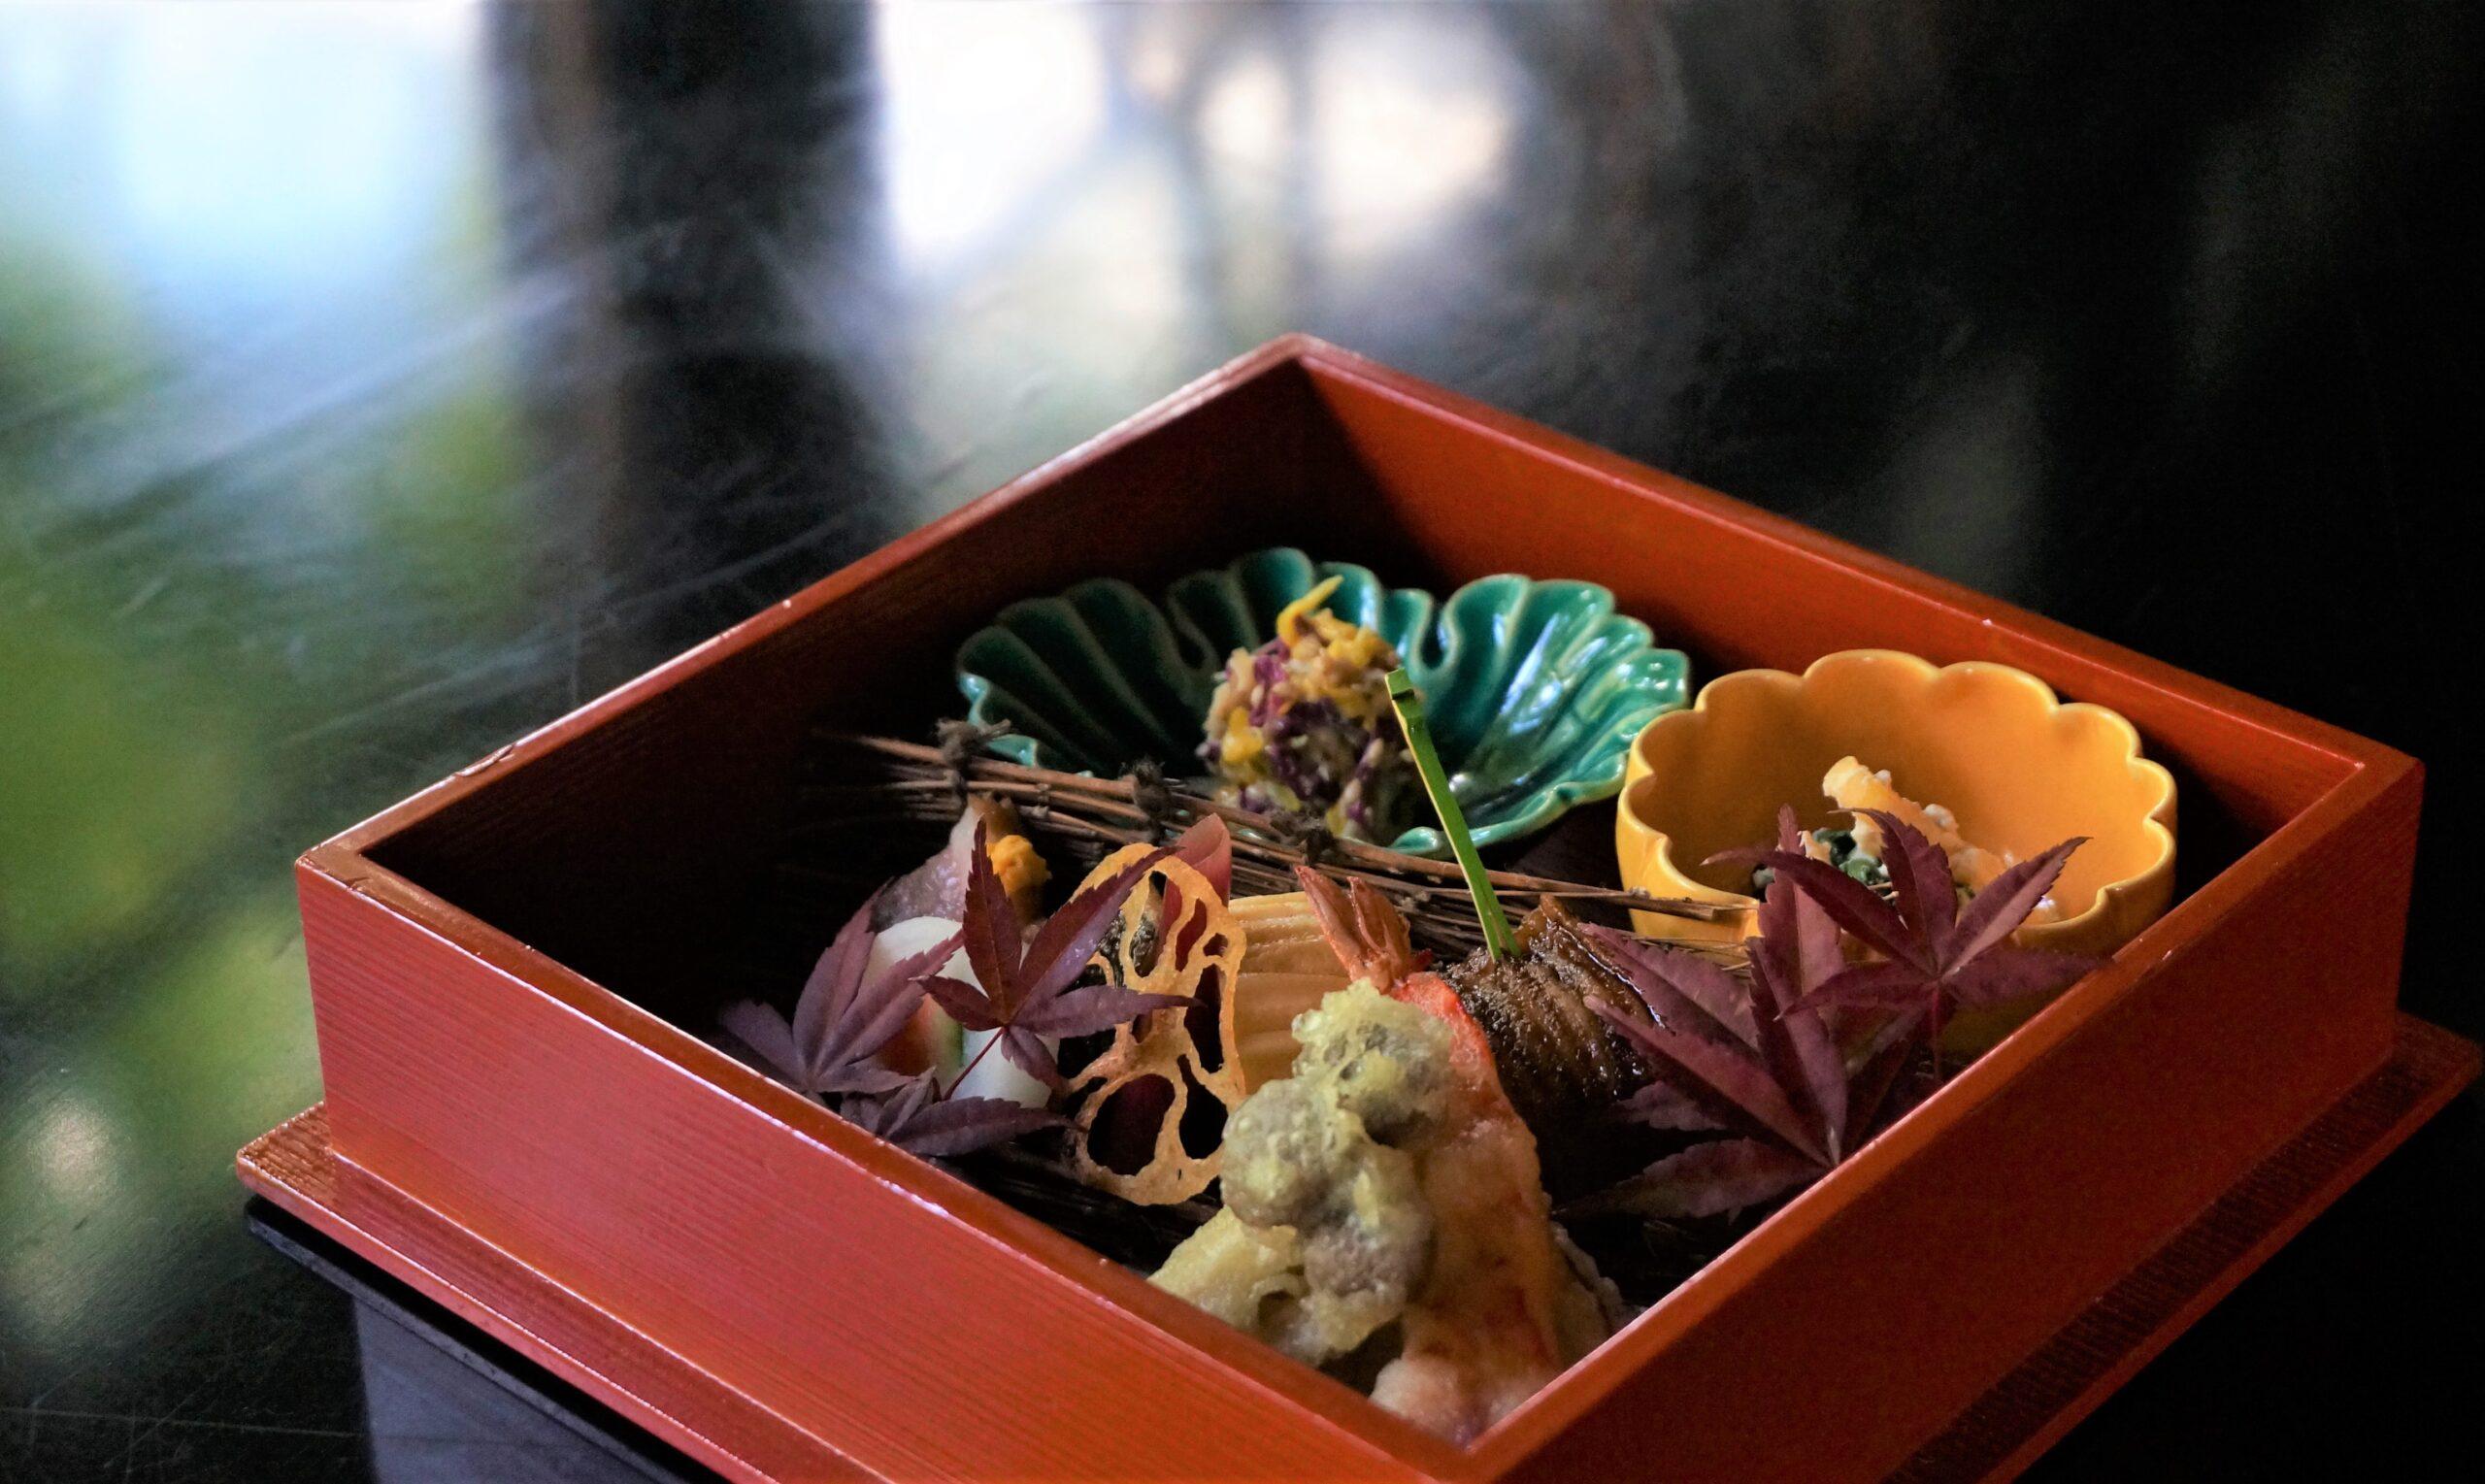 箱根・富士屋ホテルで「記念日宿泊プラン~Anniversary Stay~」を販売開始 フラワーやアニバーサリーケーキのプレゼントも